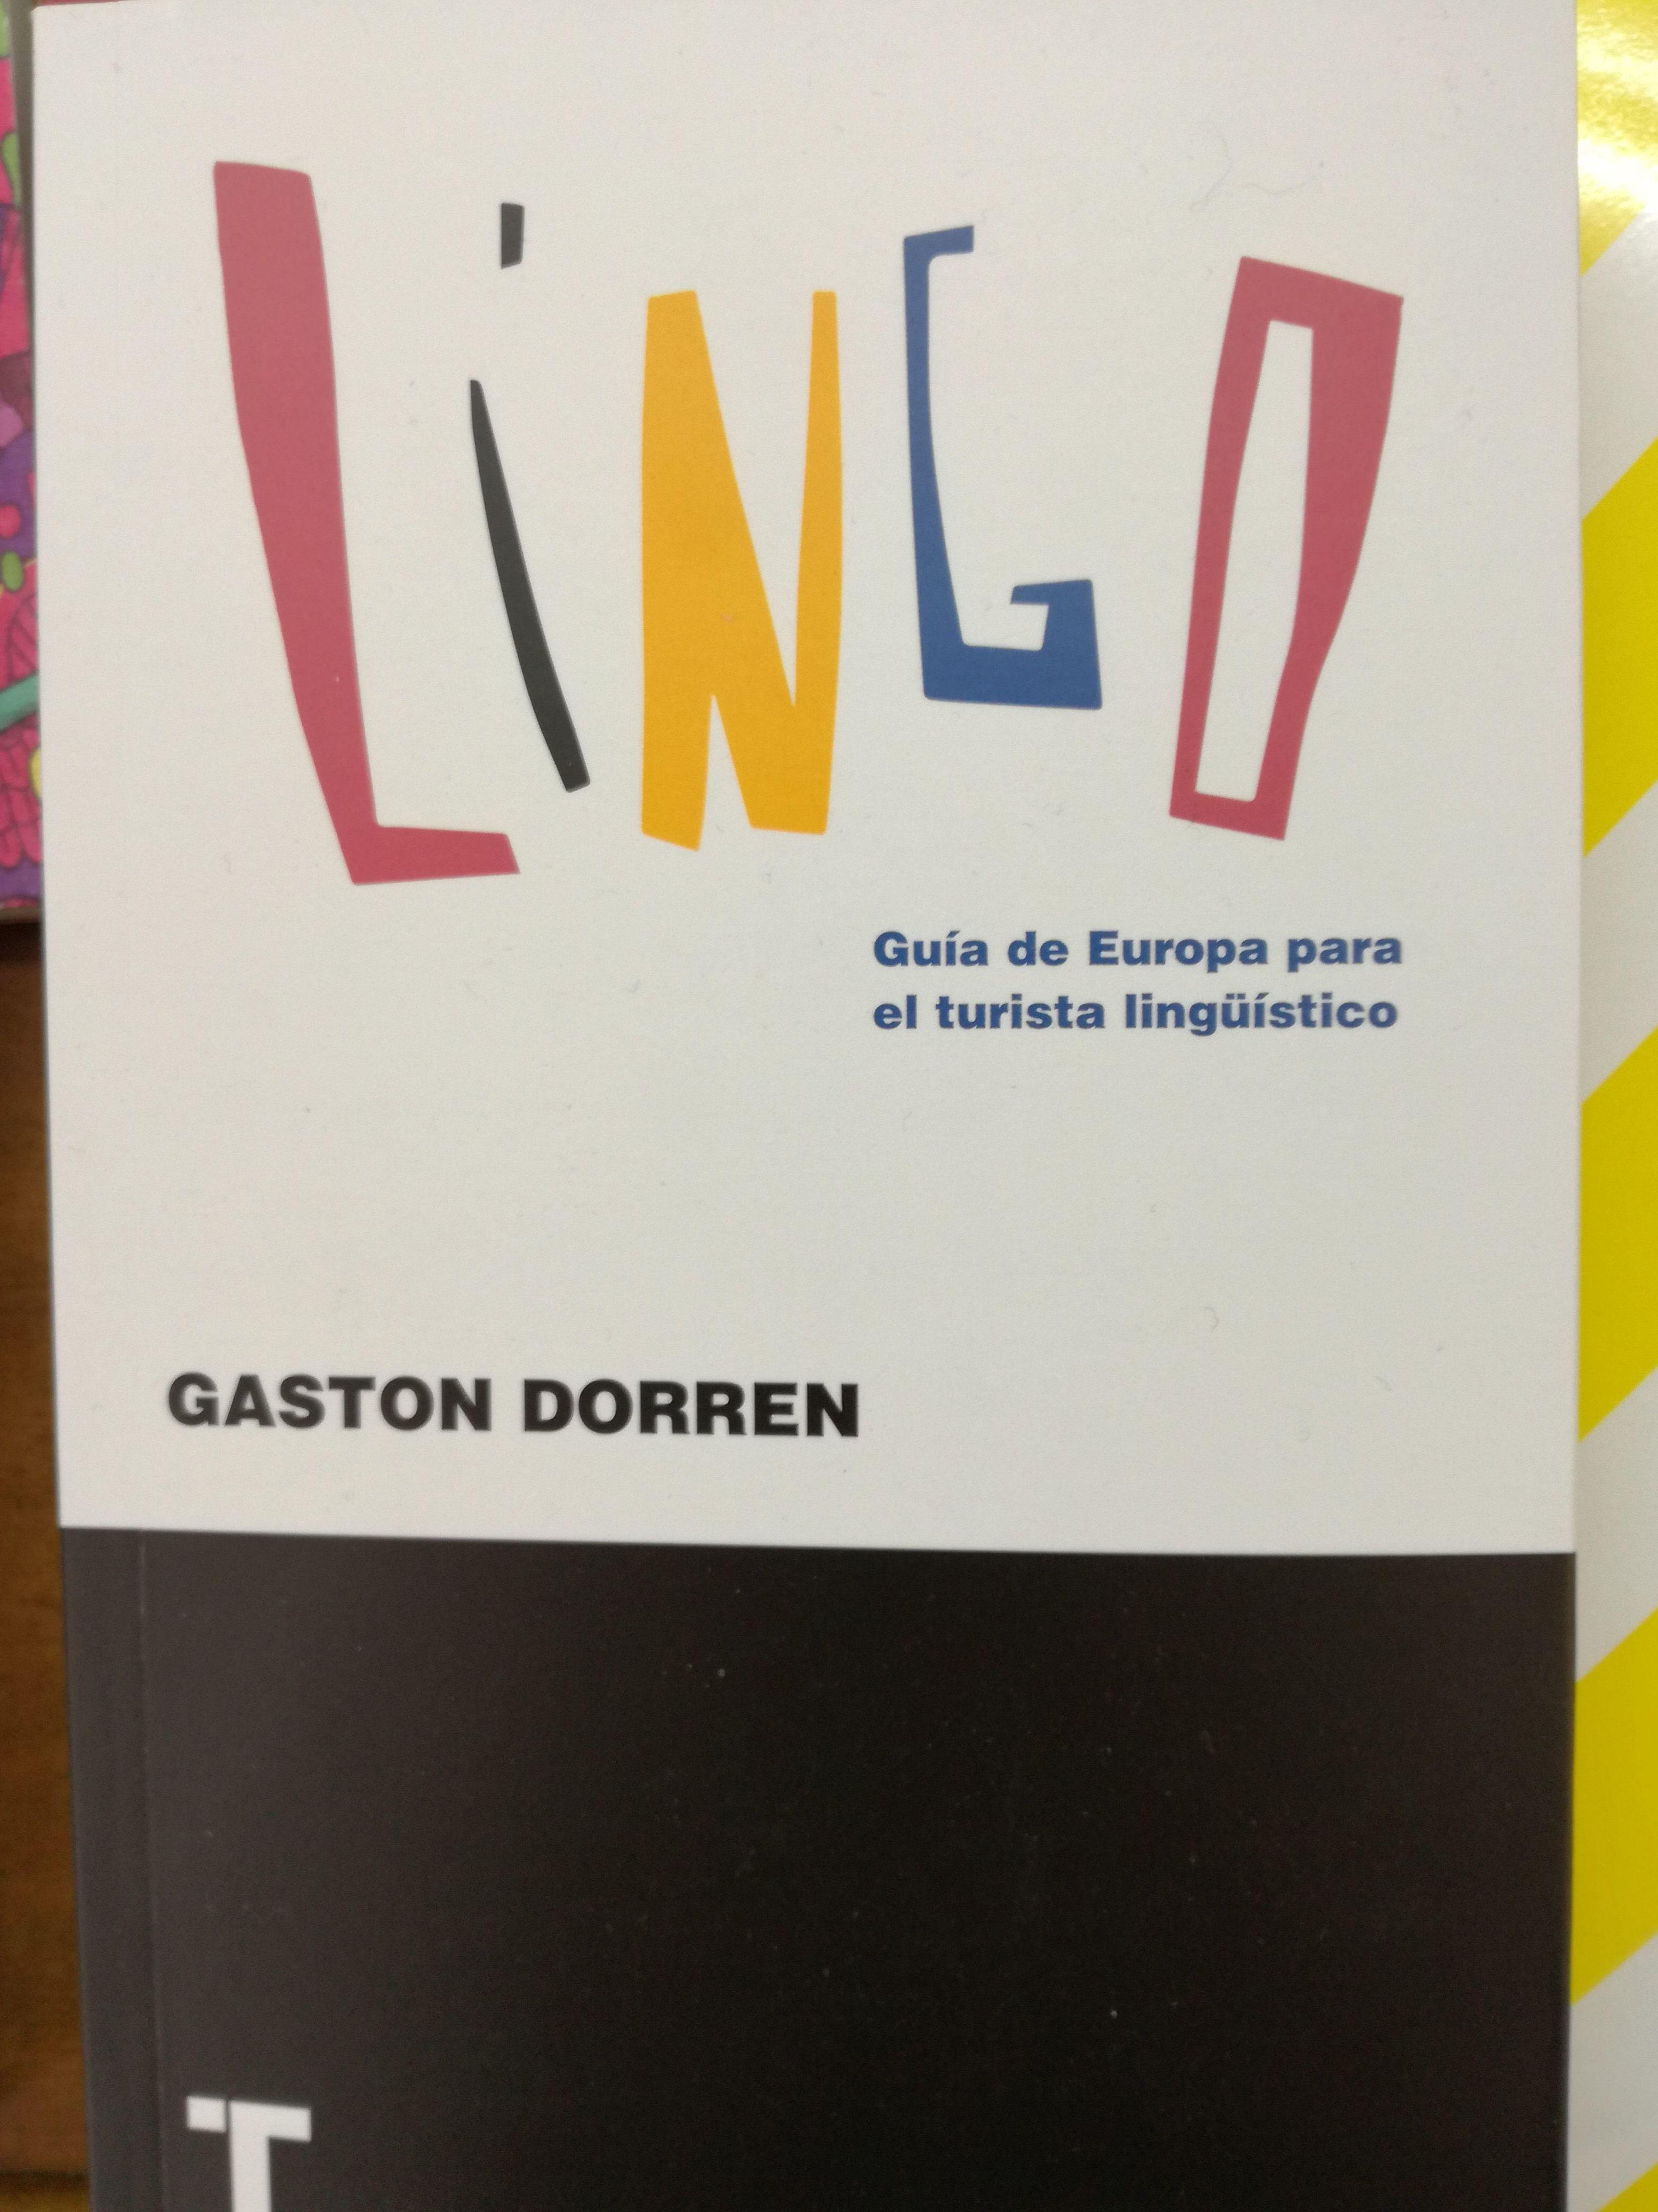 Lingo Guía de Europa para el turista lingüístico: SECCIONES de Librería Nueva Plaza Universitaria